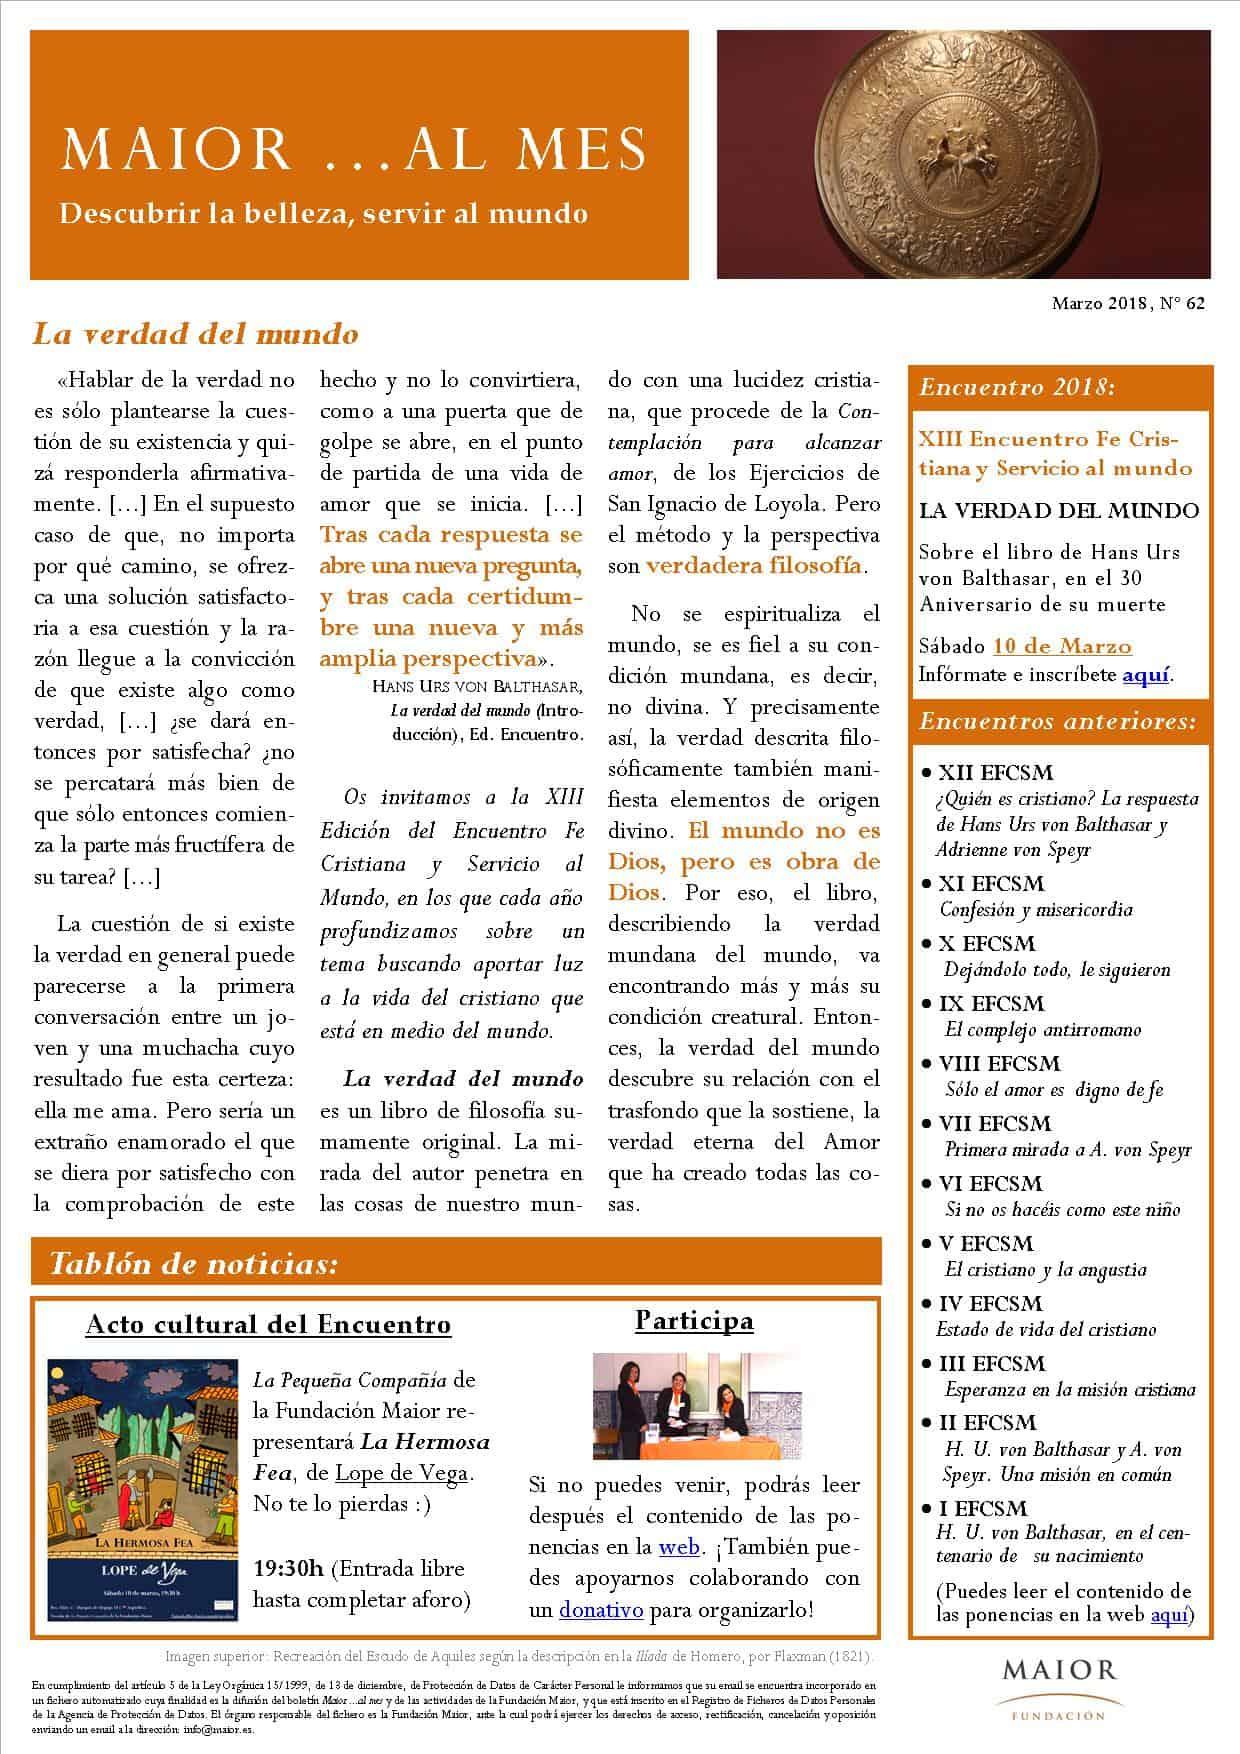 Boletín mensual de noticias y actividades de la Fundación Maior. Edición de marzo 2018